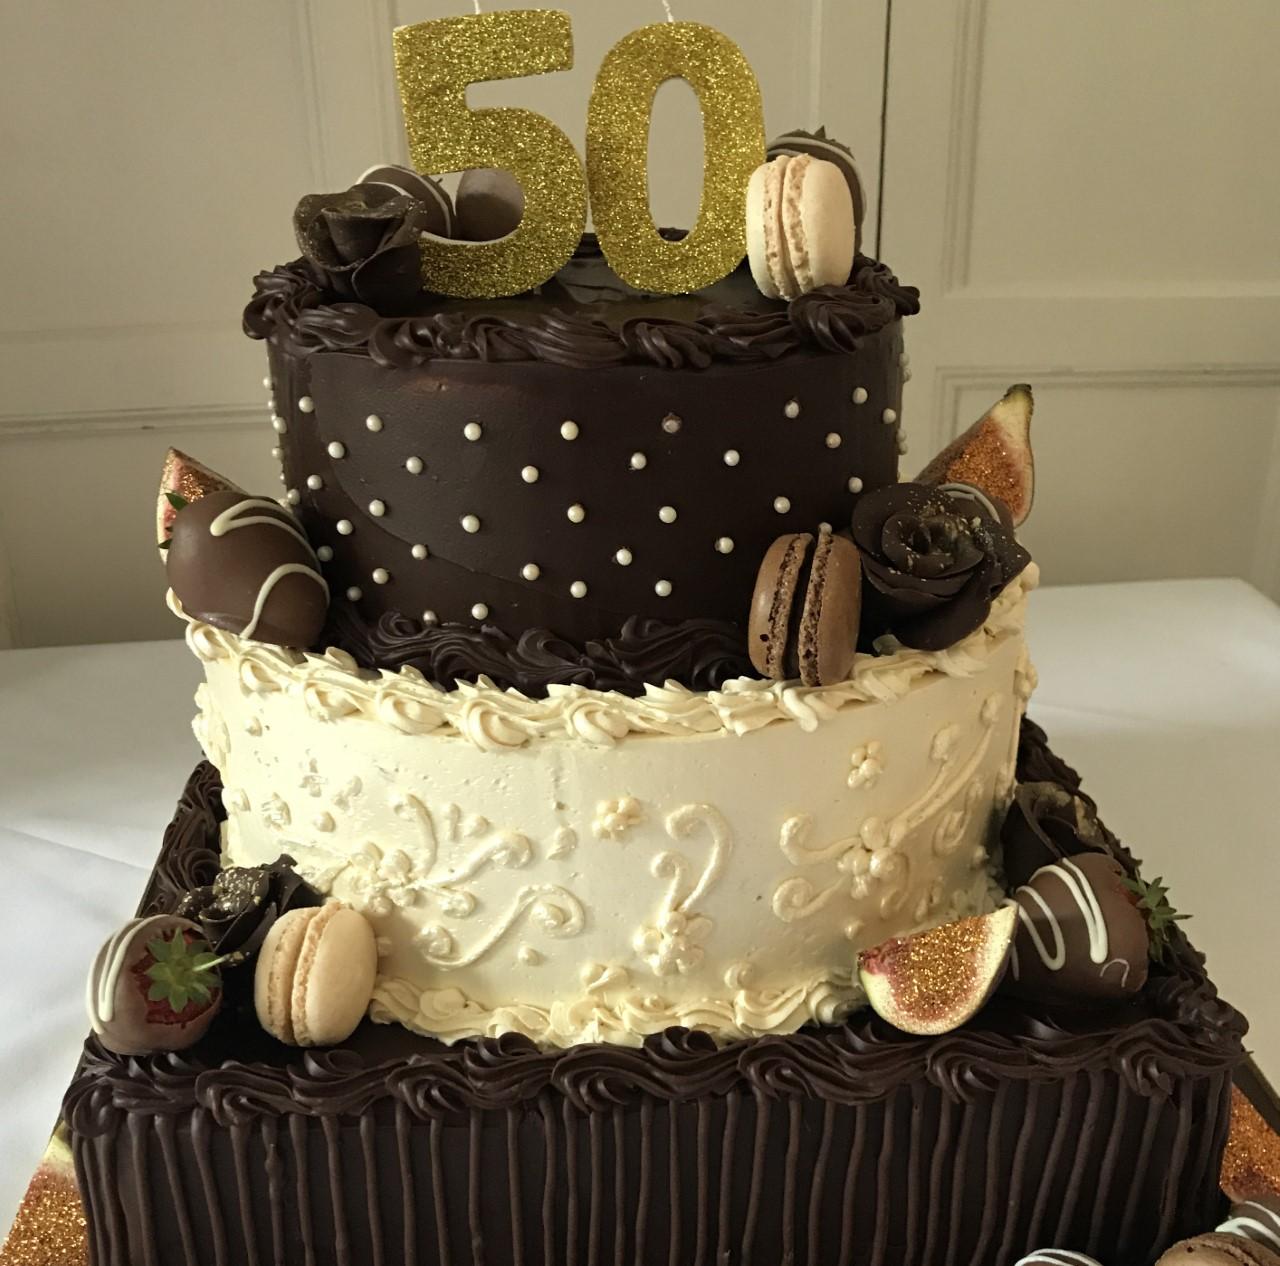 Dessert Celebration Cake